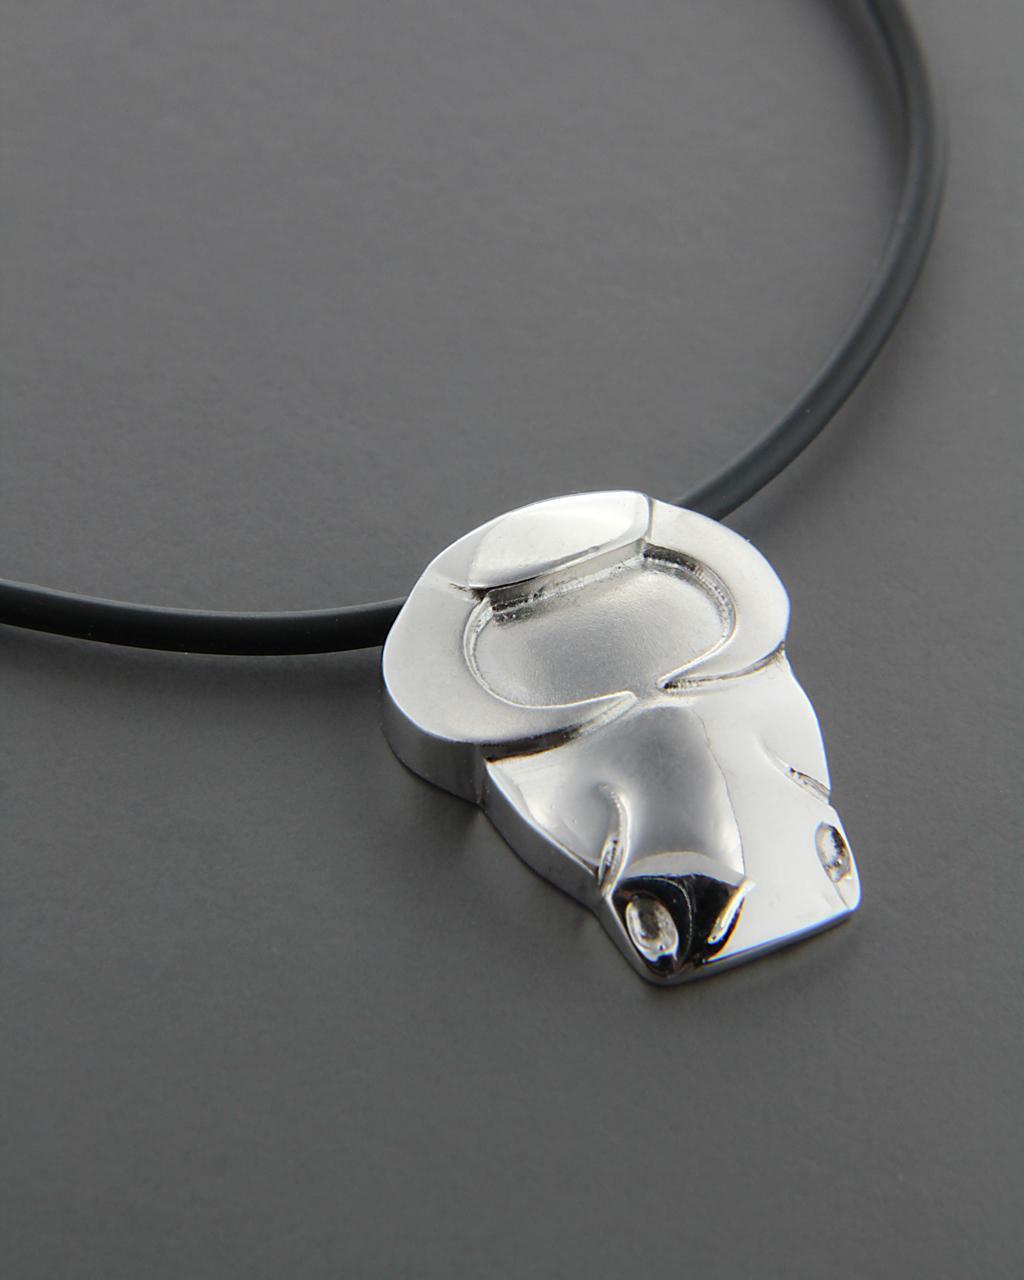 Κρεμαστό ζώδιο Ταύρος λευκόχρυσο Κ14   κοσμηματα κρεμαστά κολιέ κρεμαστά κολιέ ζώδια